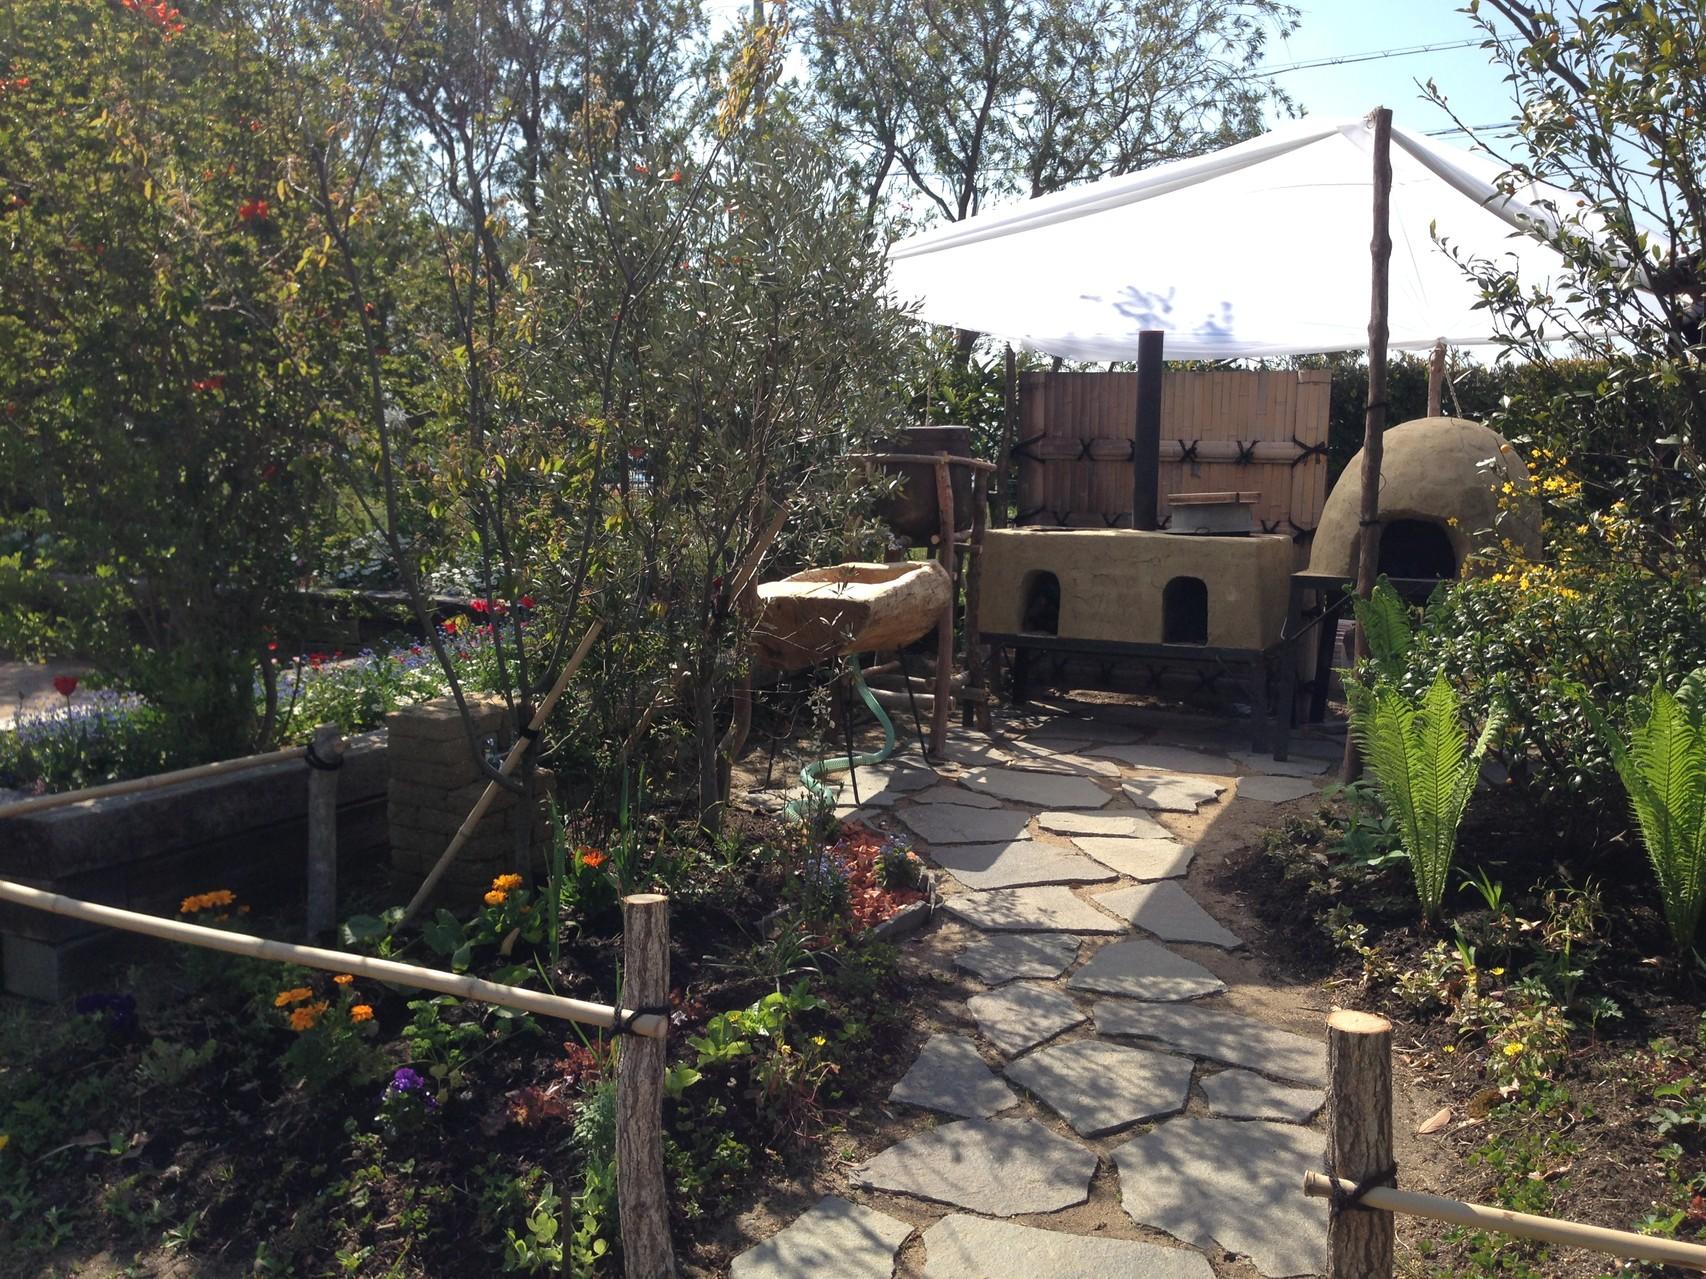 庭=暮らし 多機能な自然の仕組みを利用して、自然とつながる庭をデザインしています。